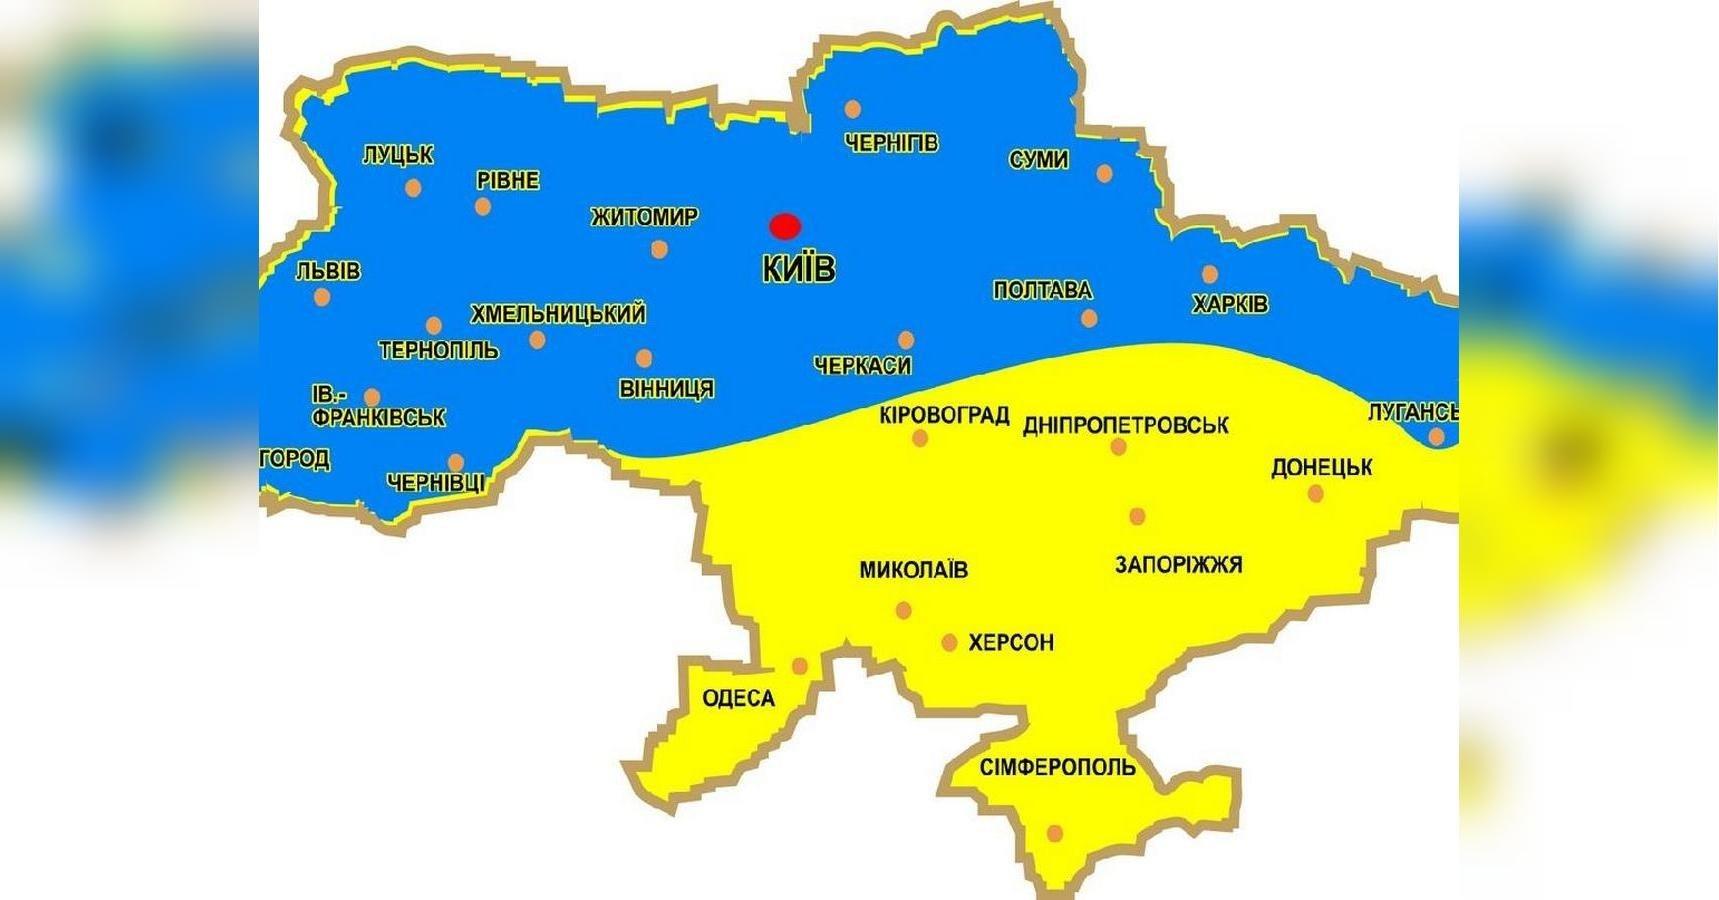 Смолий раскритиковал укрупнение районов в Украине: «мнение народа слуг не интересует» - today.ua